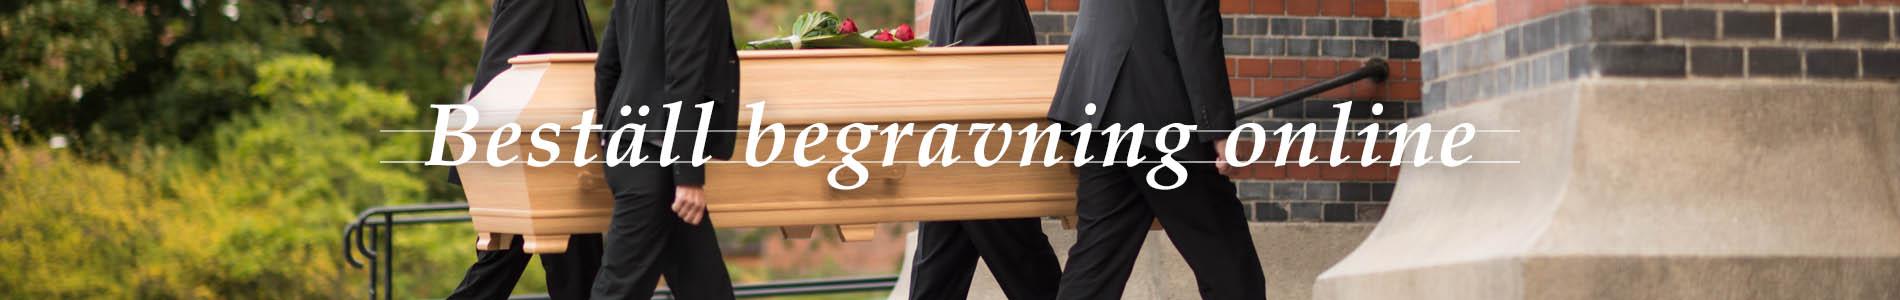 Axelssons Begravningsbyrå Lund: Beställ begravning online